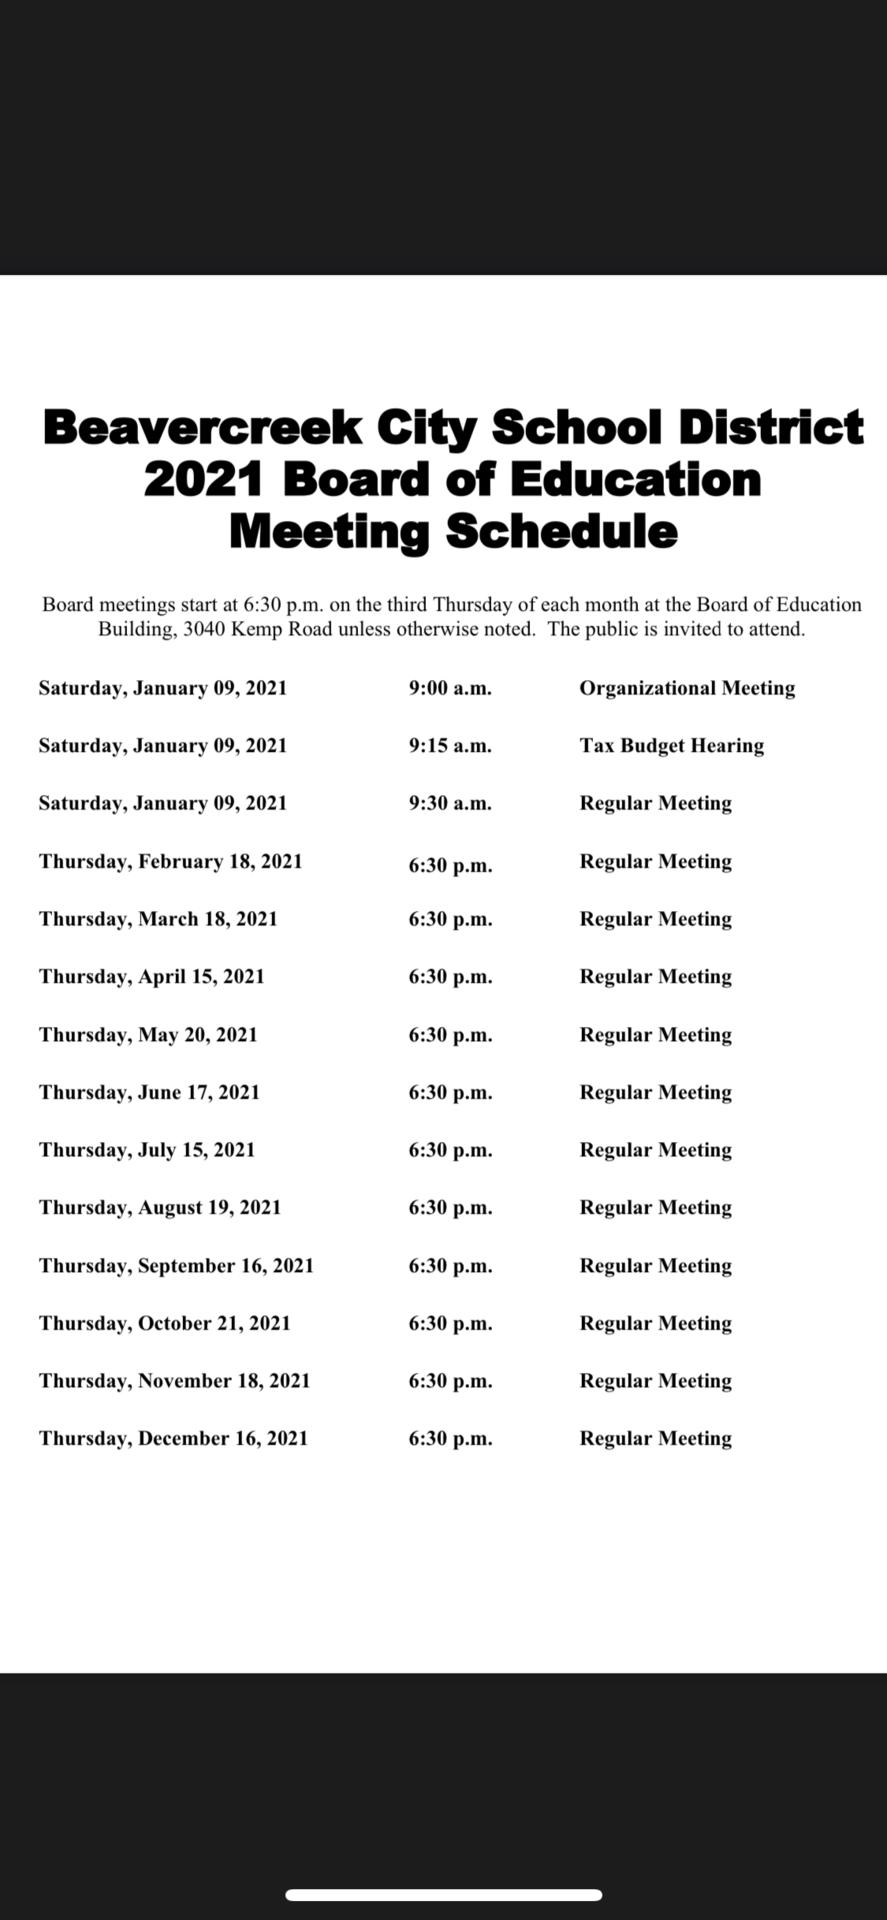 2021 meeting schedule